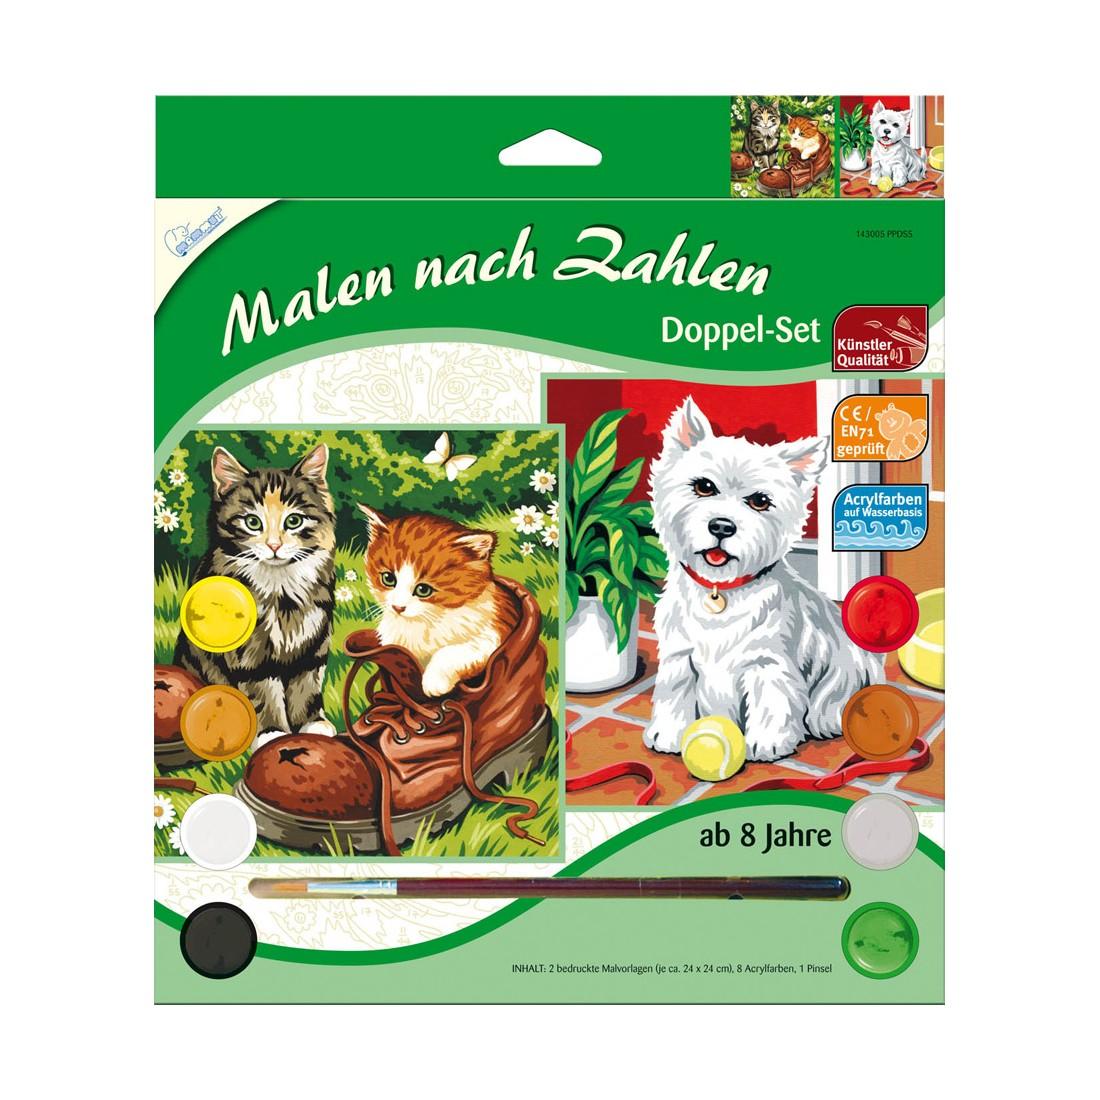 Erfreut Die Katze Im Hut Zum Ausdrucken Zeitgenössisch - Framing ...